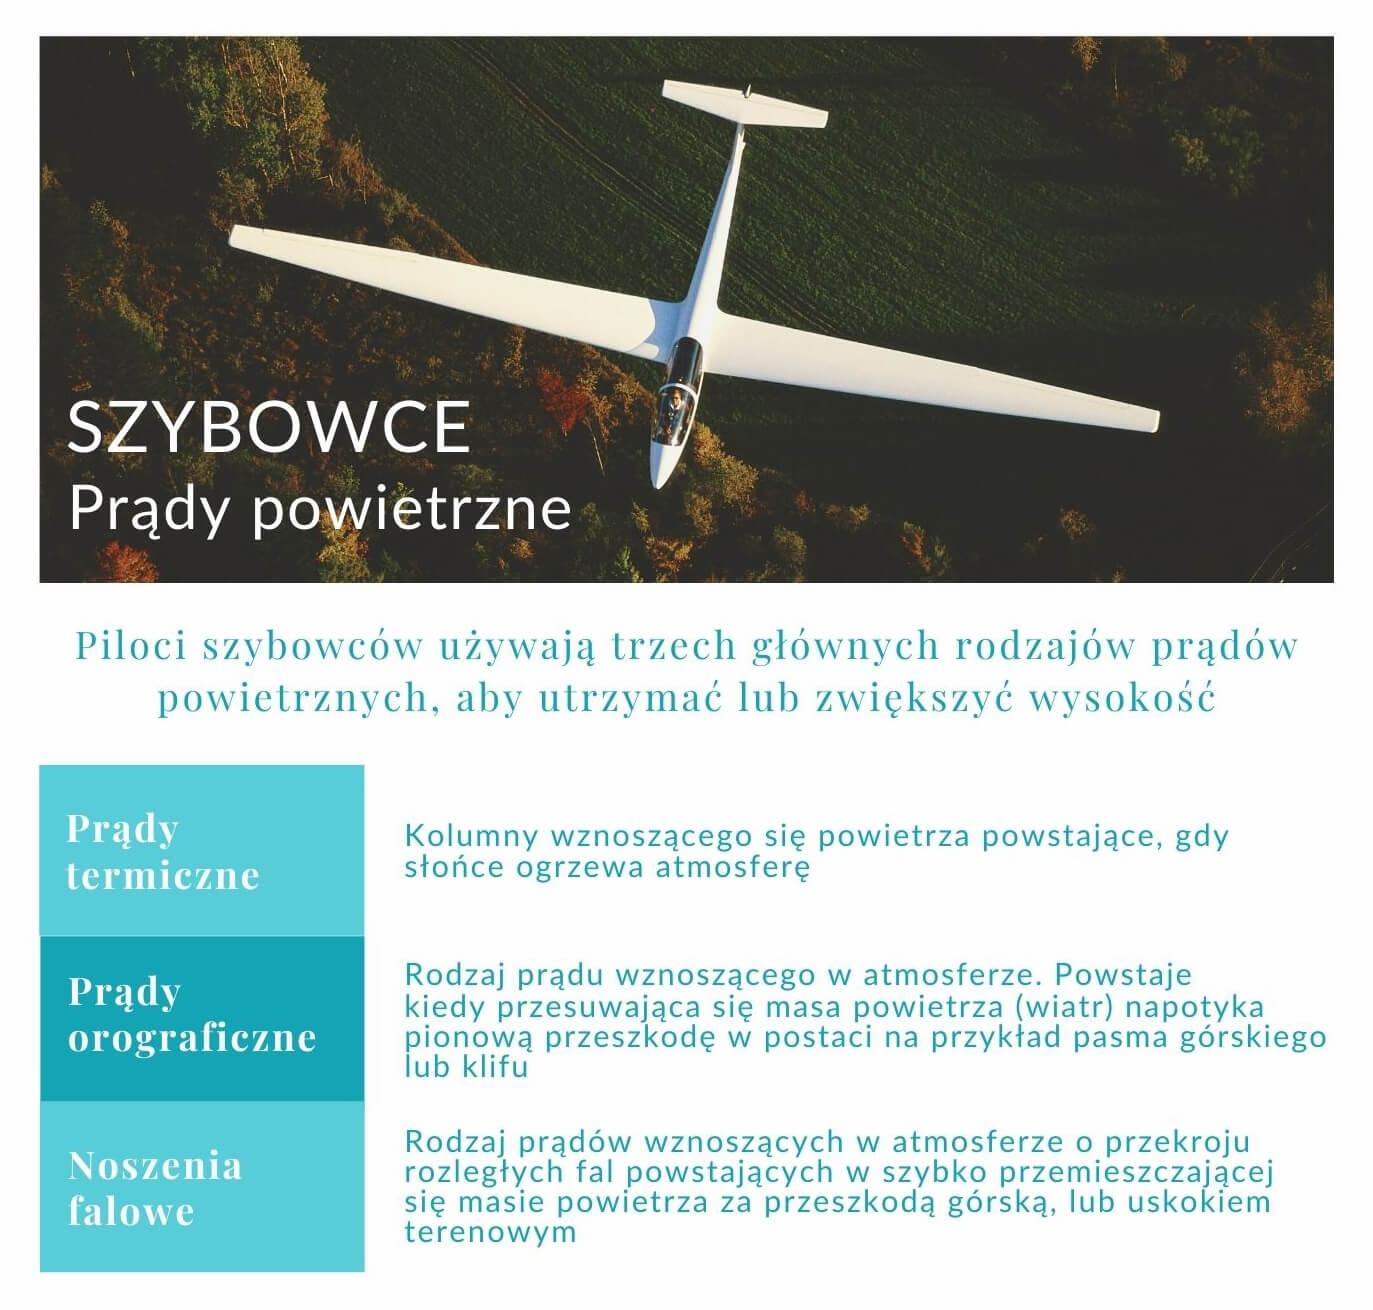 Szybowce - prądy powietrzne - tabela informacyjna